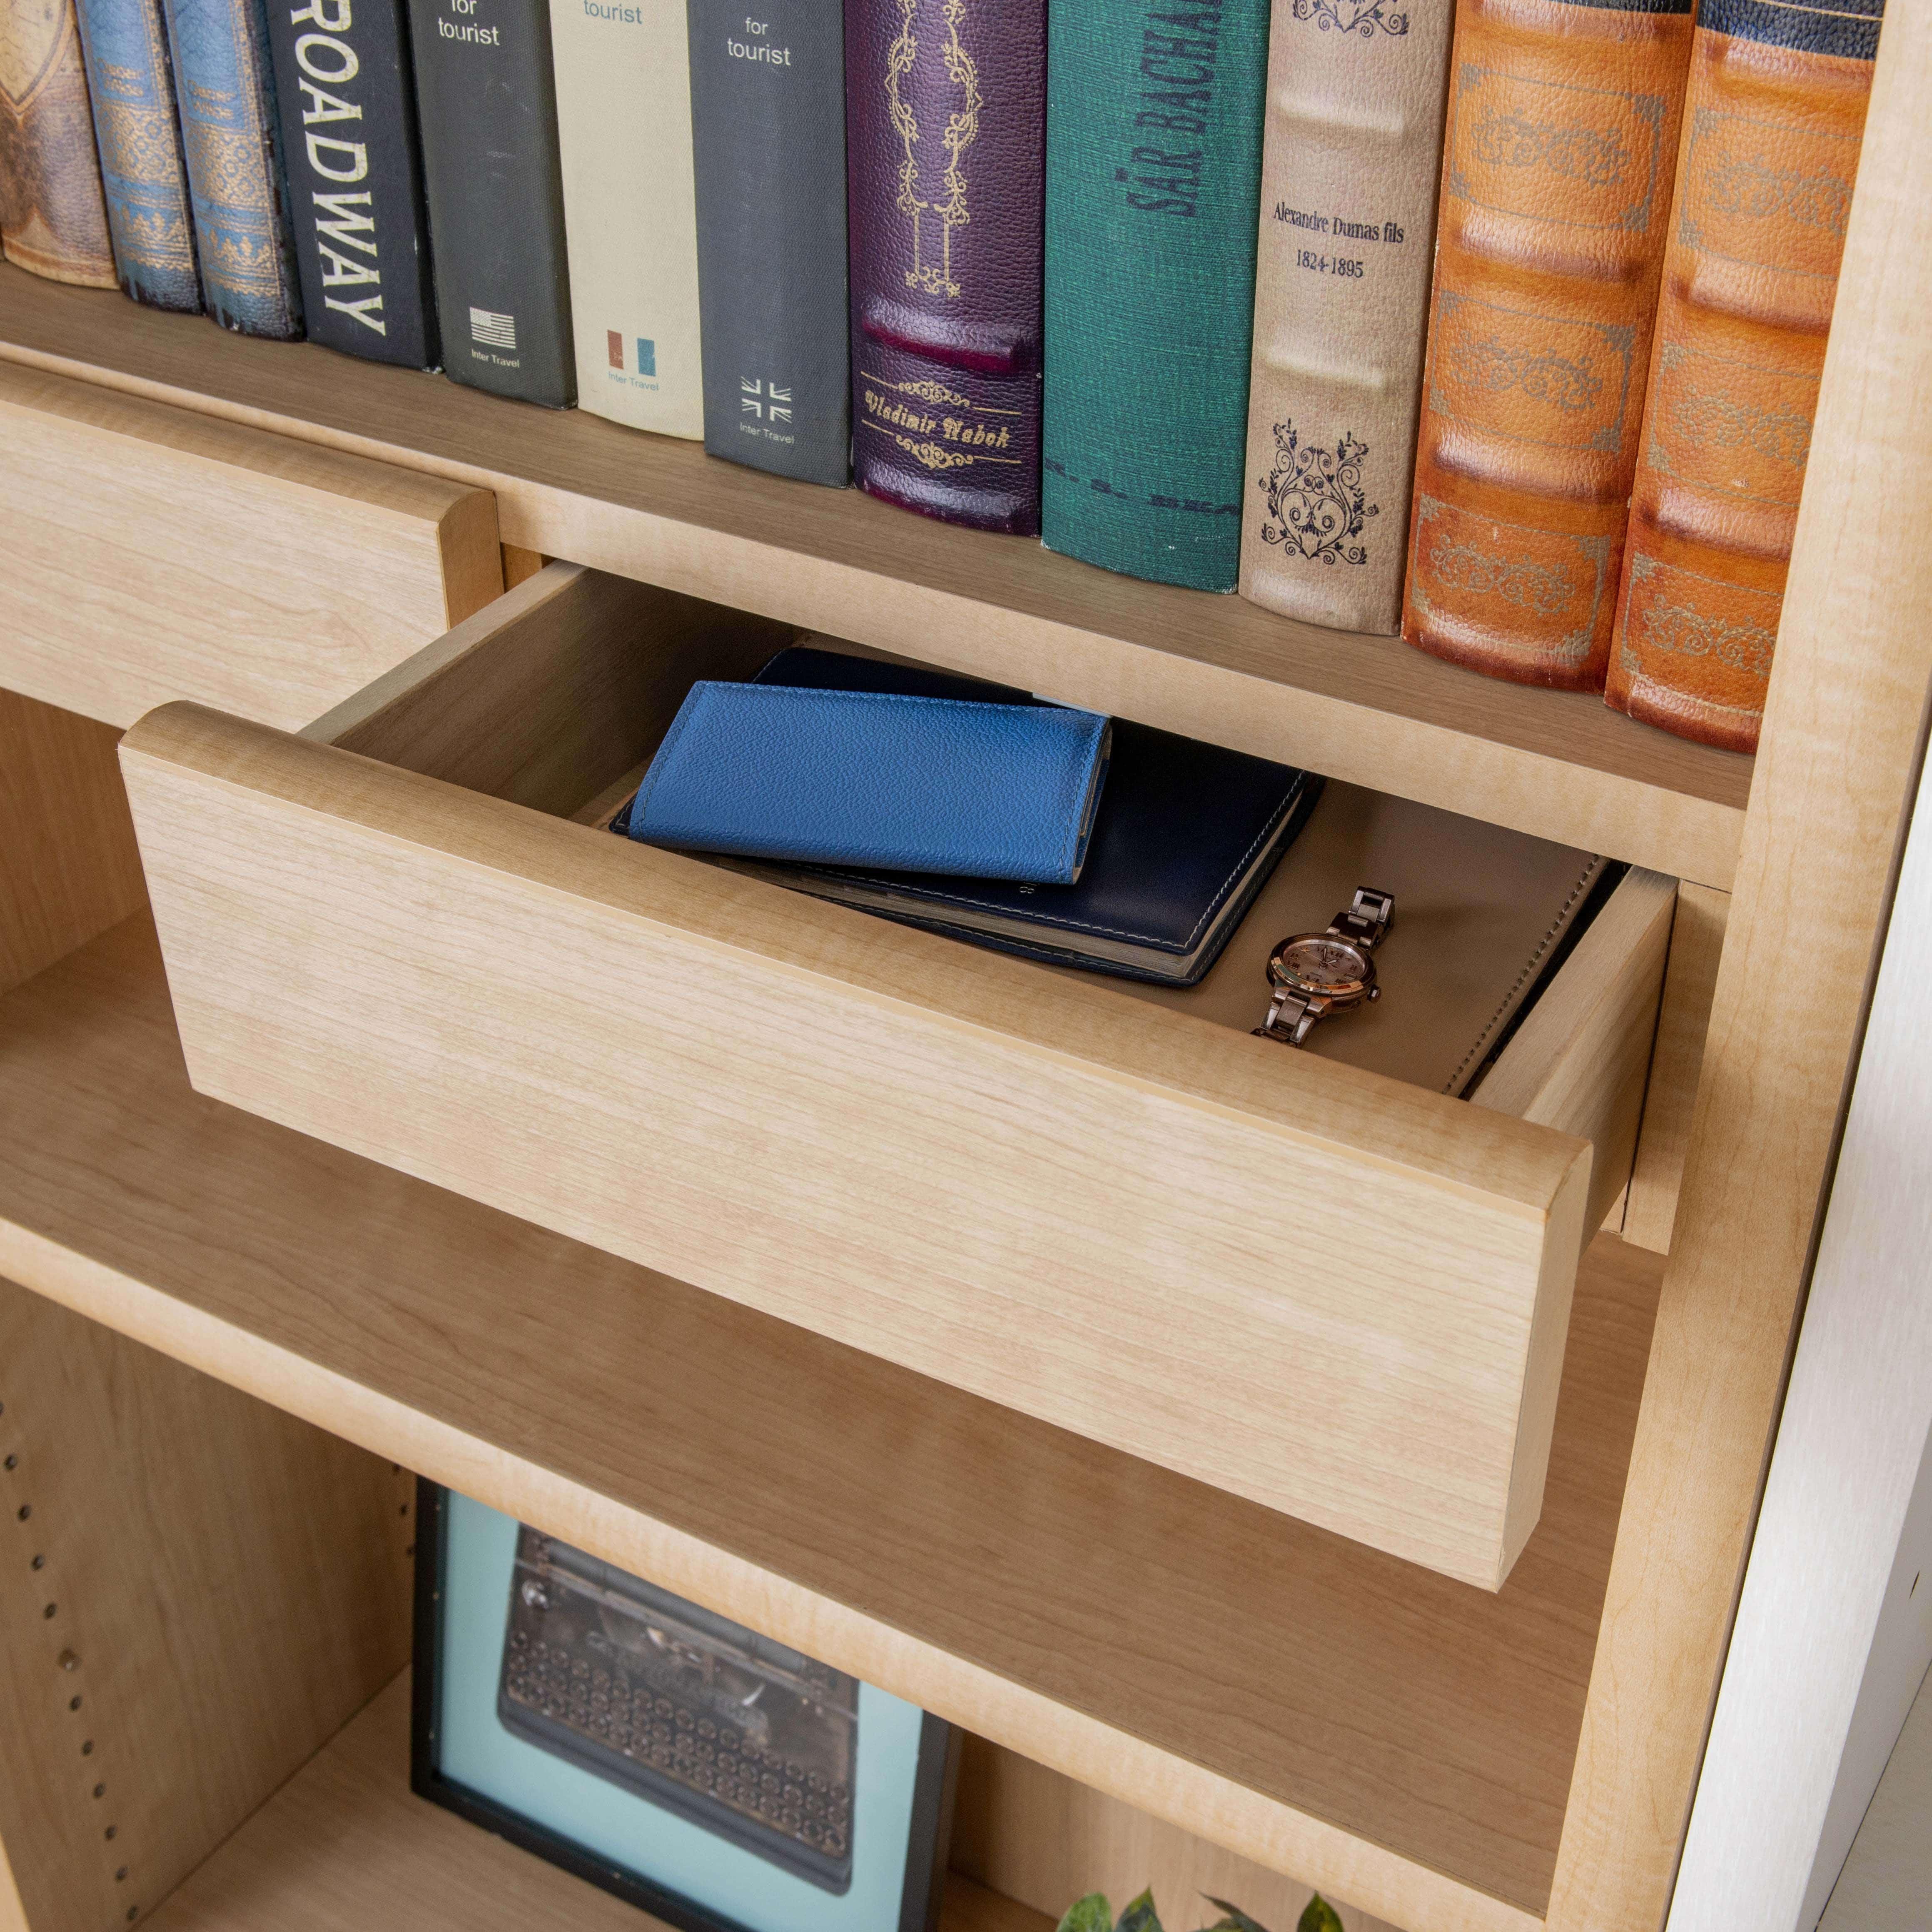 小島工芸 書棚 アコード105L(ウォールモカ):収納の幅を広げるオプション引き出し